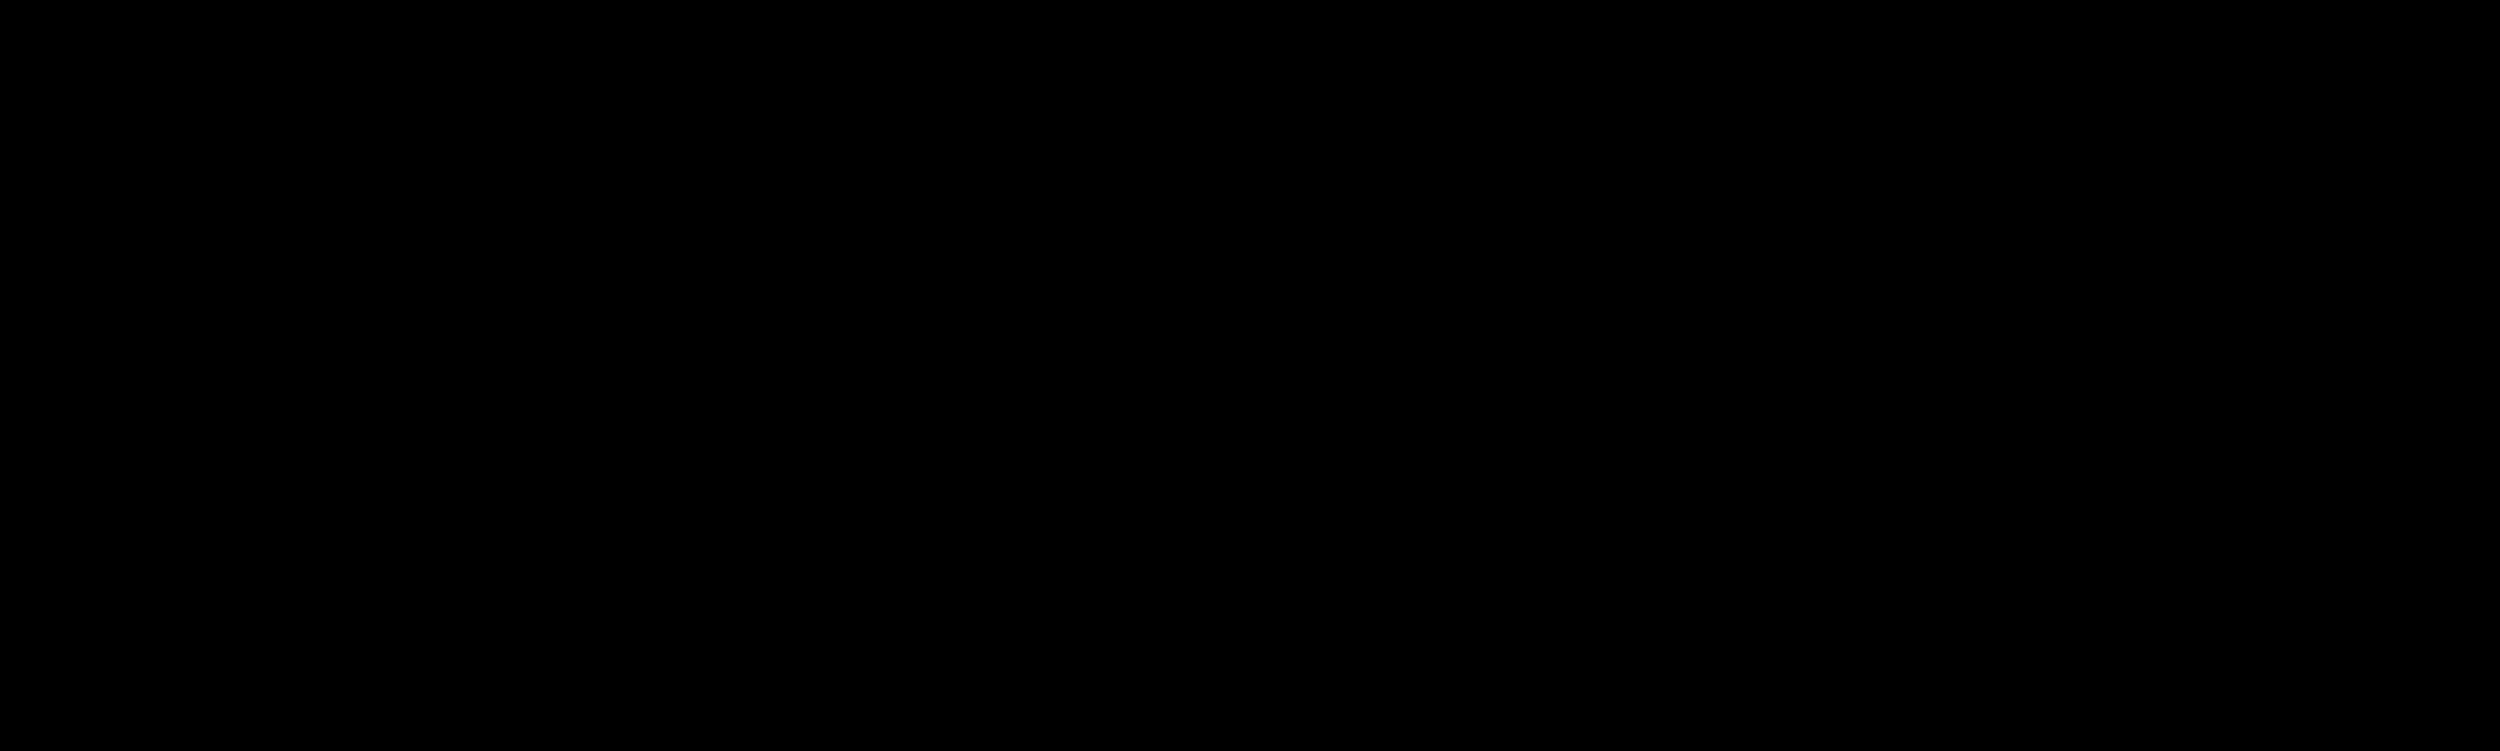 Copy of Logo_color_sin fondo_300 dpis.png